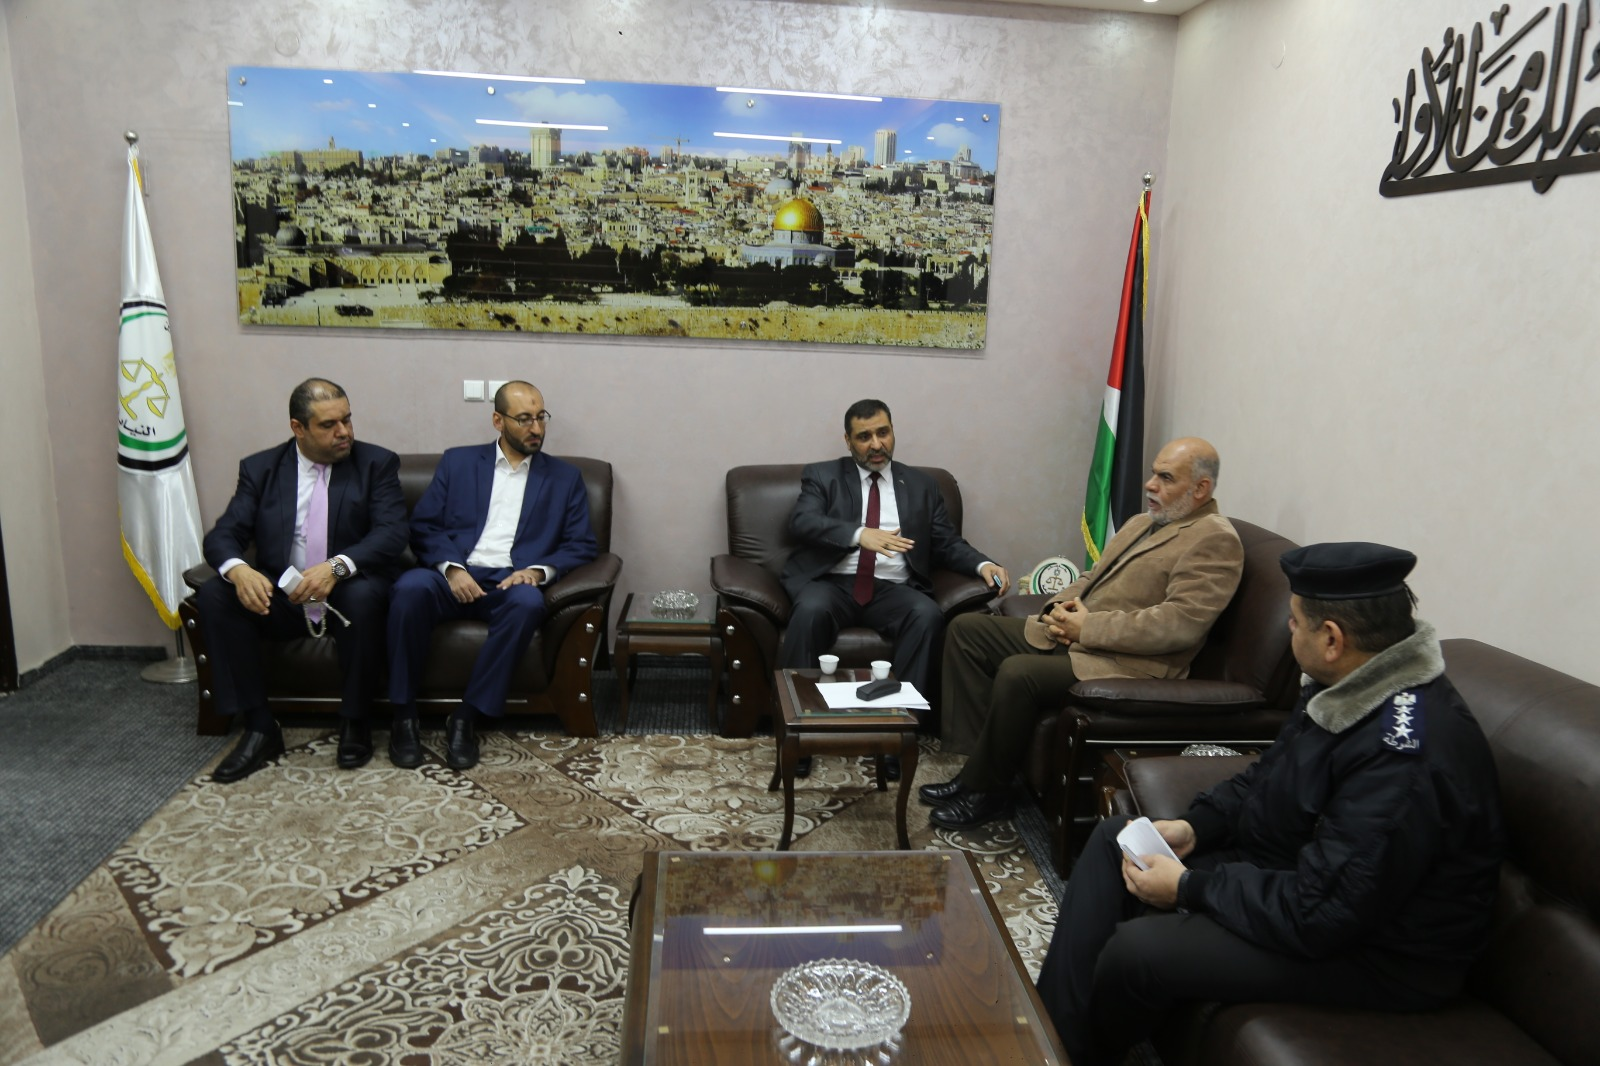 النيابة العامة تستضيف لقاء حوارياً لقيادة الشرطة الفلسطينية لتعزيز حقوق الإنسان ومناهضة التعذيب